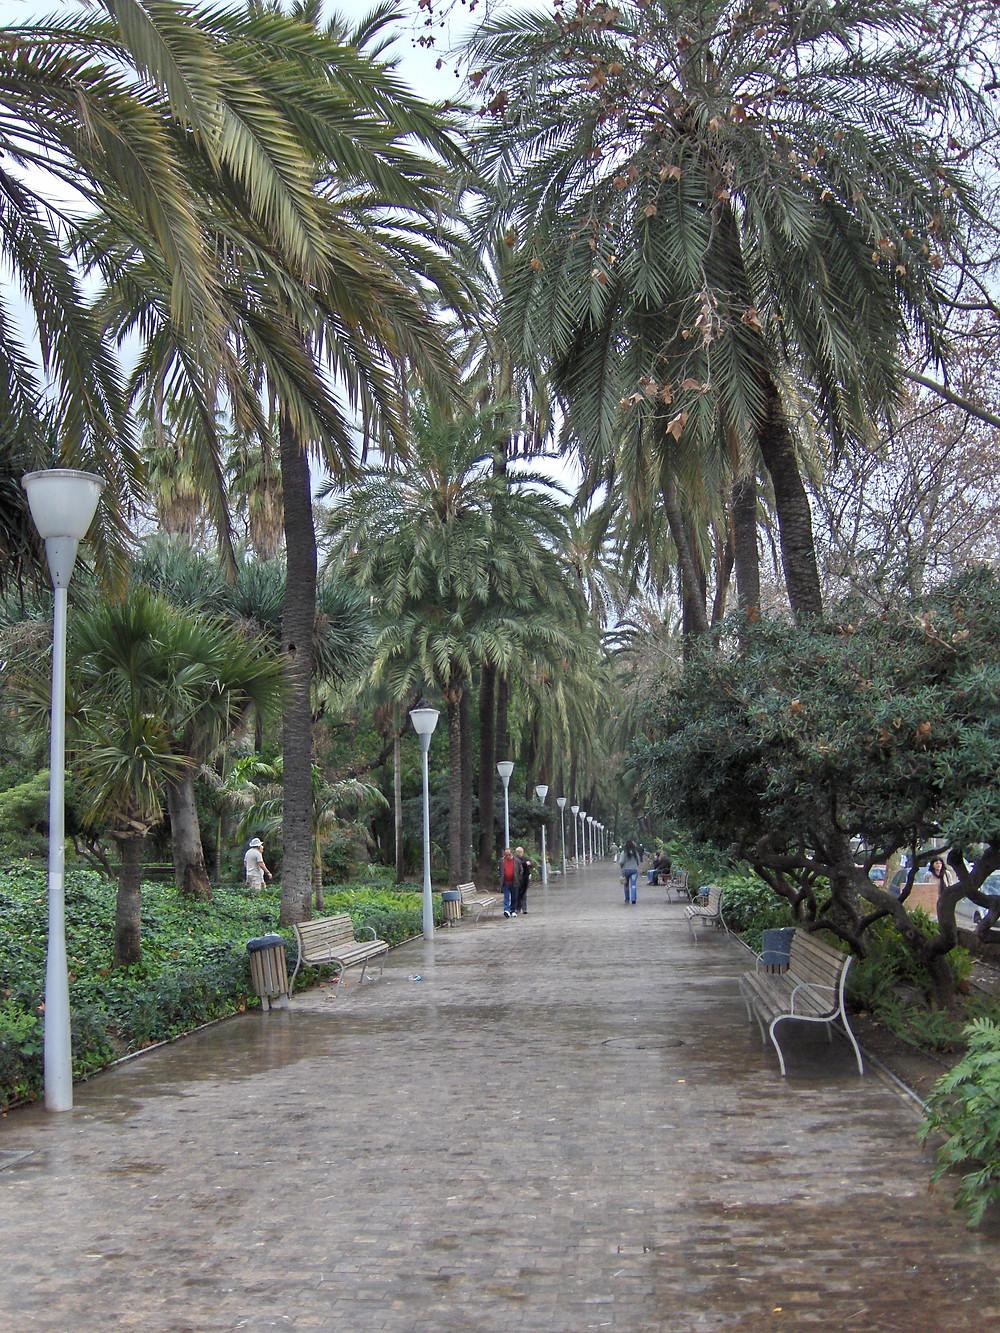 Parque de Málaga in Malaga